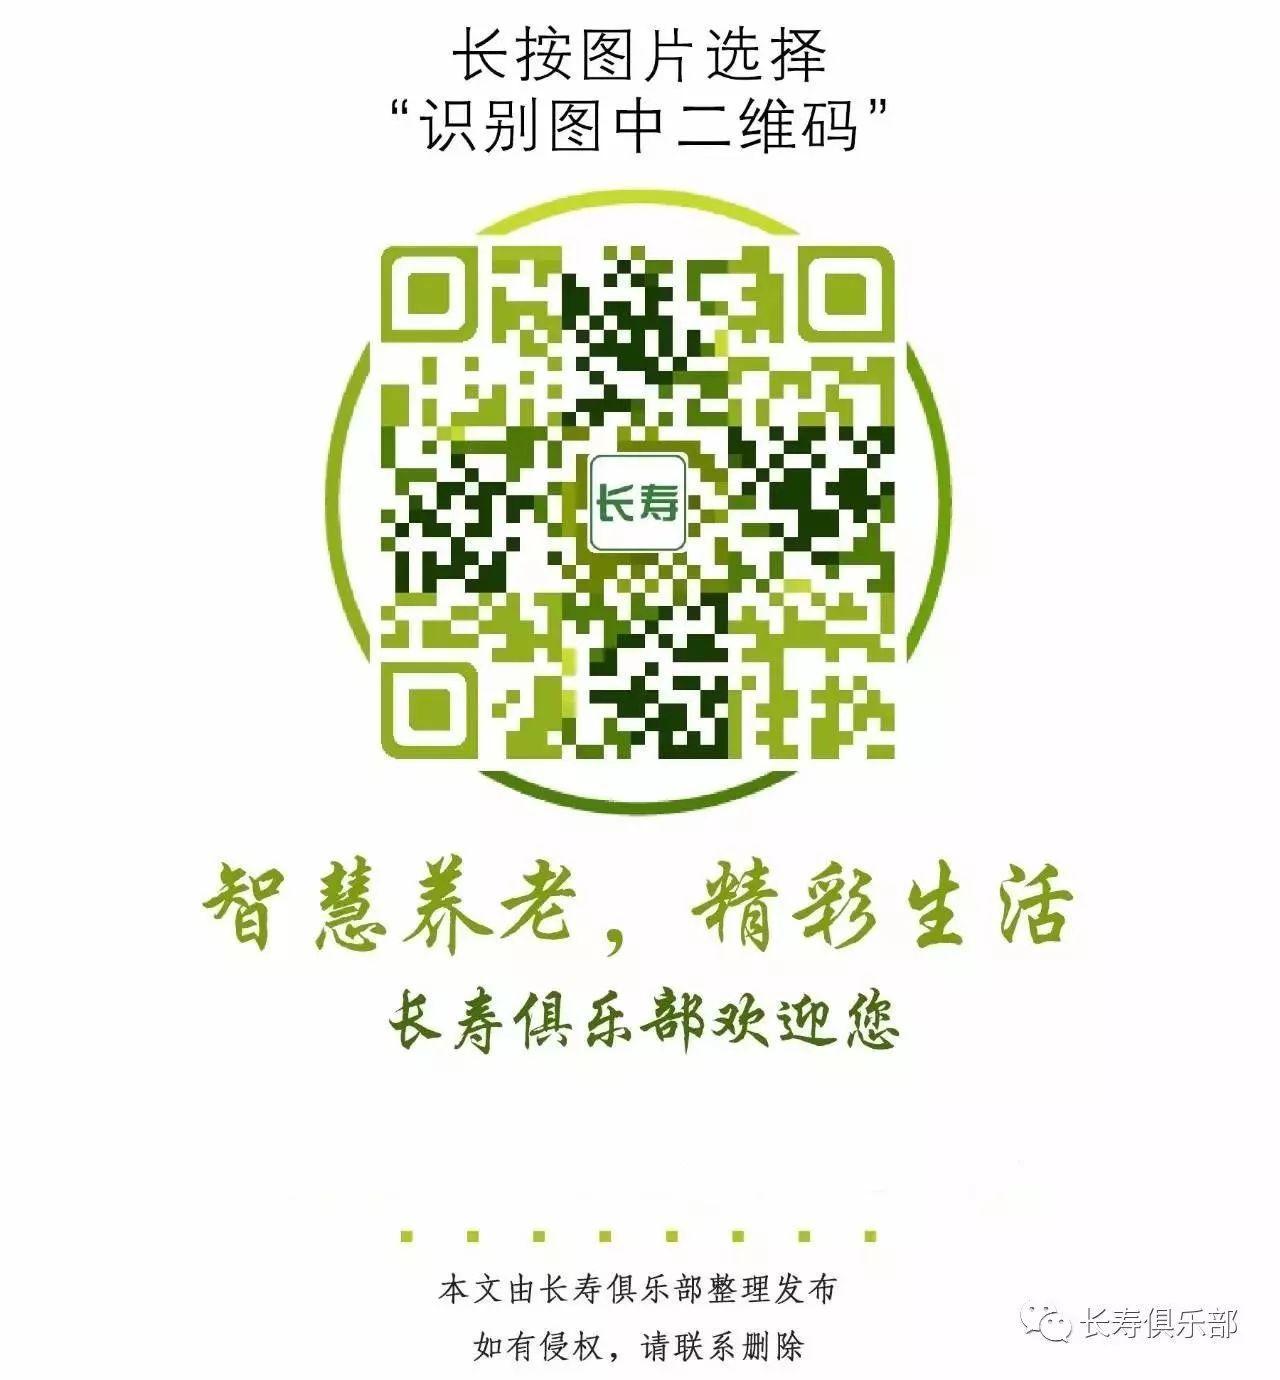 春节出境游放量可期,液态奶行业局部提价互联网巨头加码海底光缆